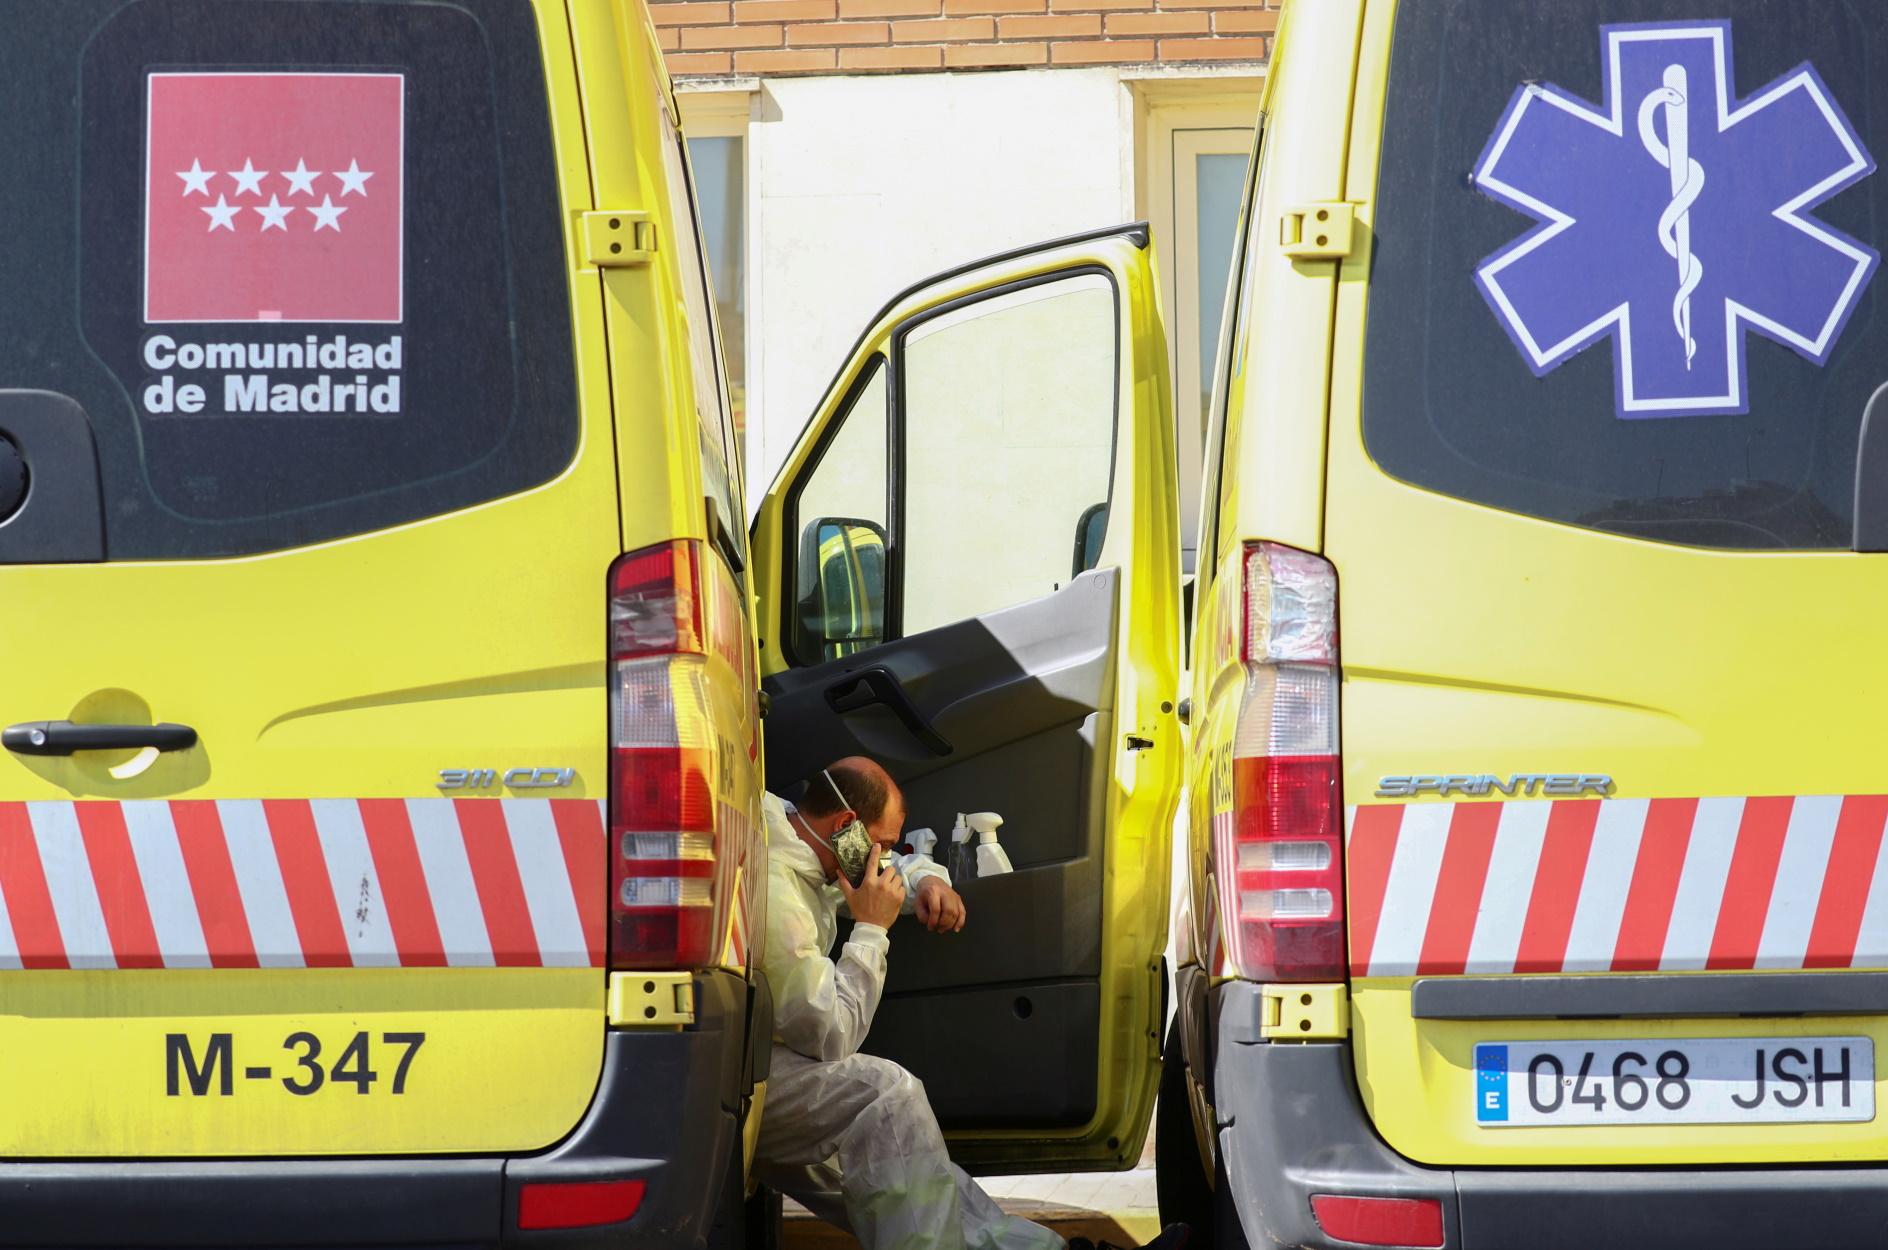 Κορονοϊός: Άλλοι 838 νεκροί σε μια μέρα στην Ισπανία – Αυστηρότερα μέτρα από τον Σάντσεθ